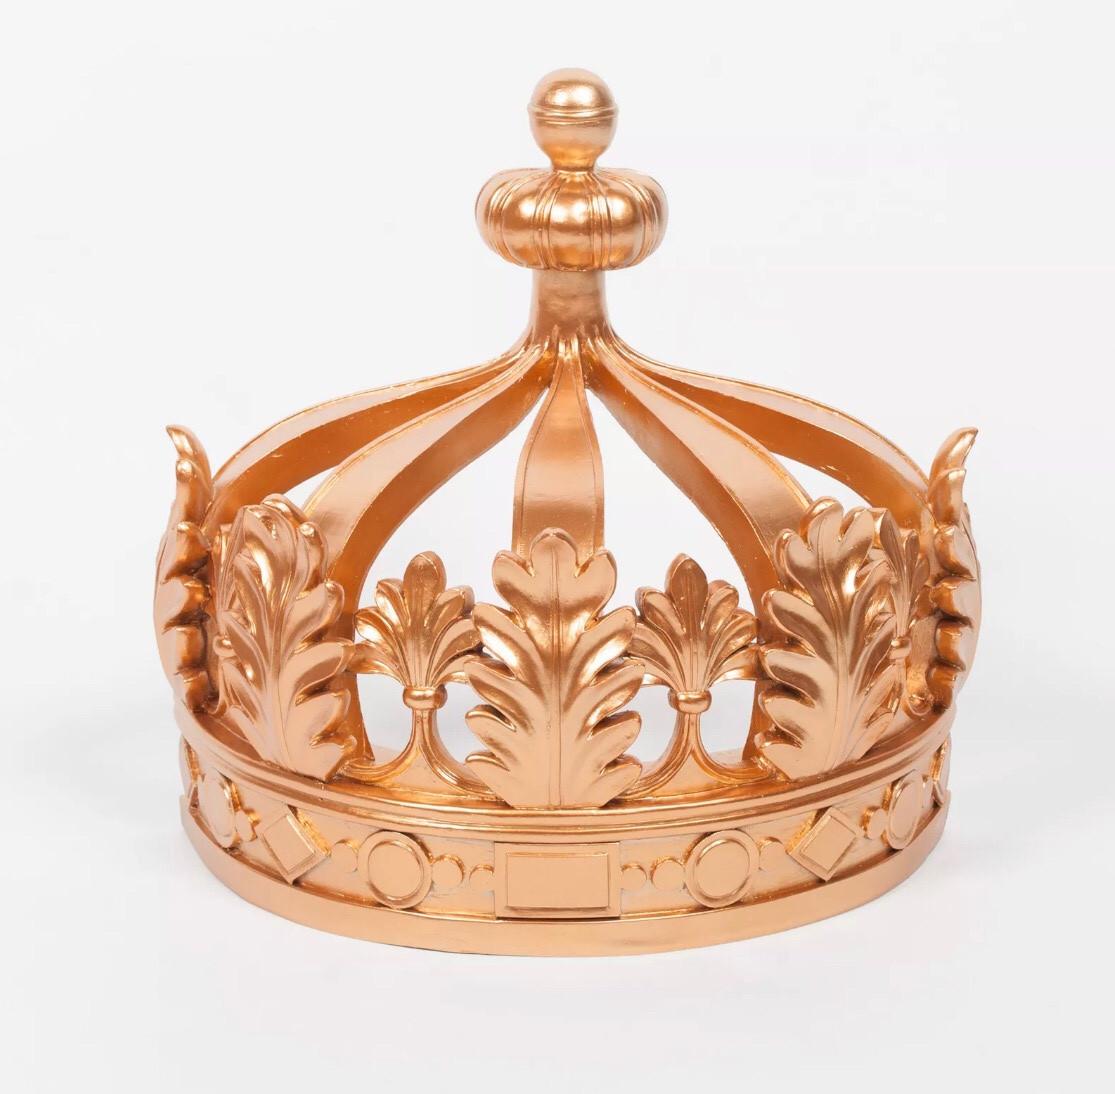 Держатель для балдахина на детскую кроватку Bamboccio Корона золото DB-4